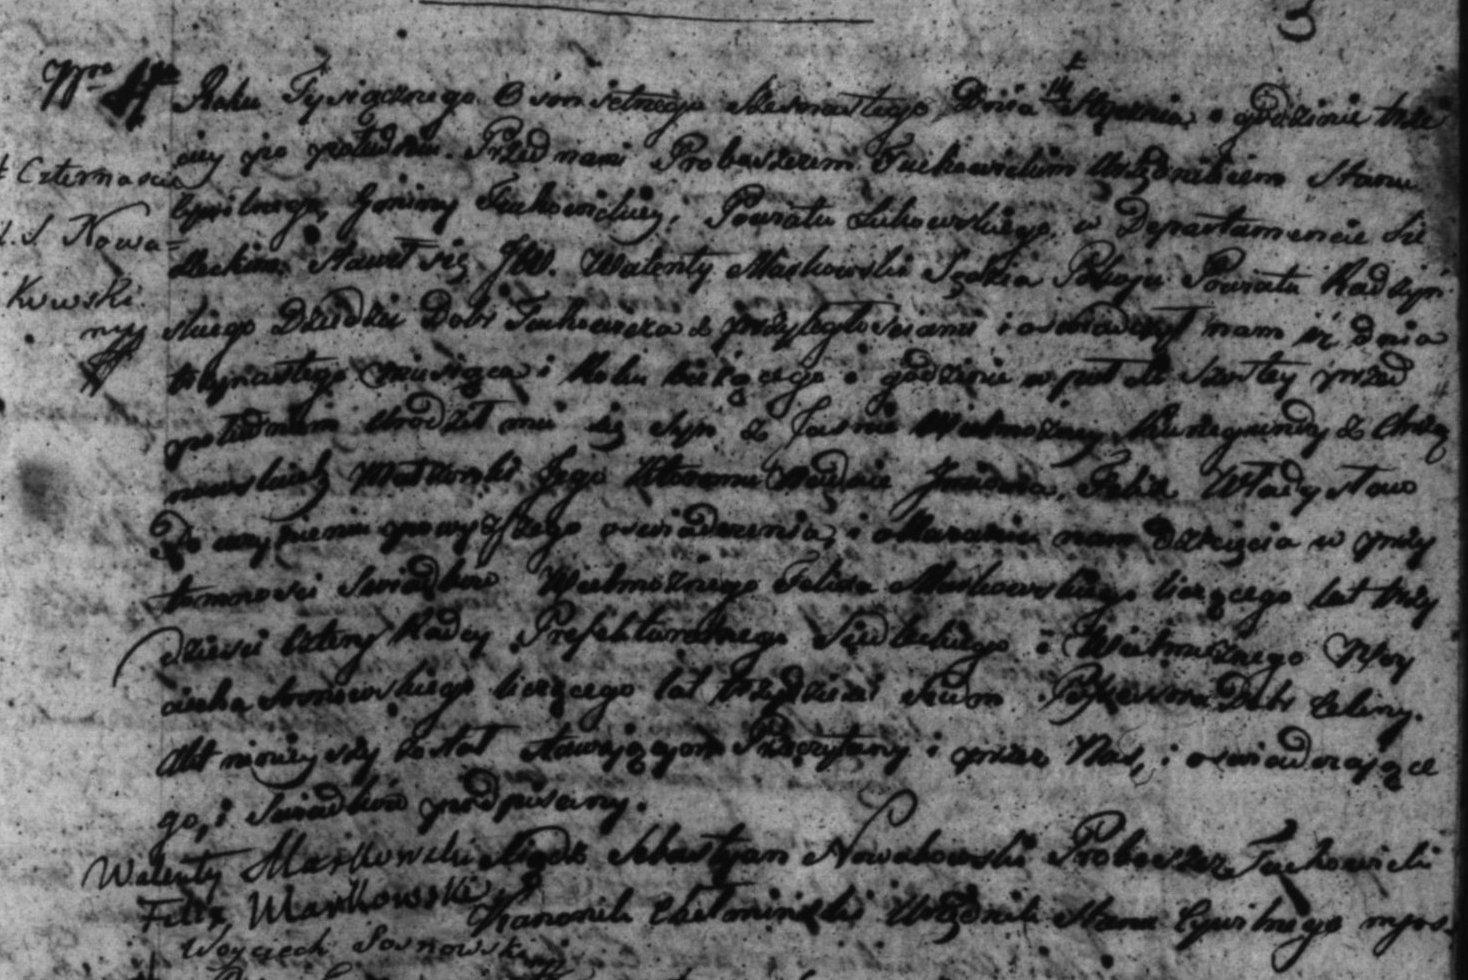 urdzenie 1816.jpg